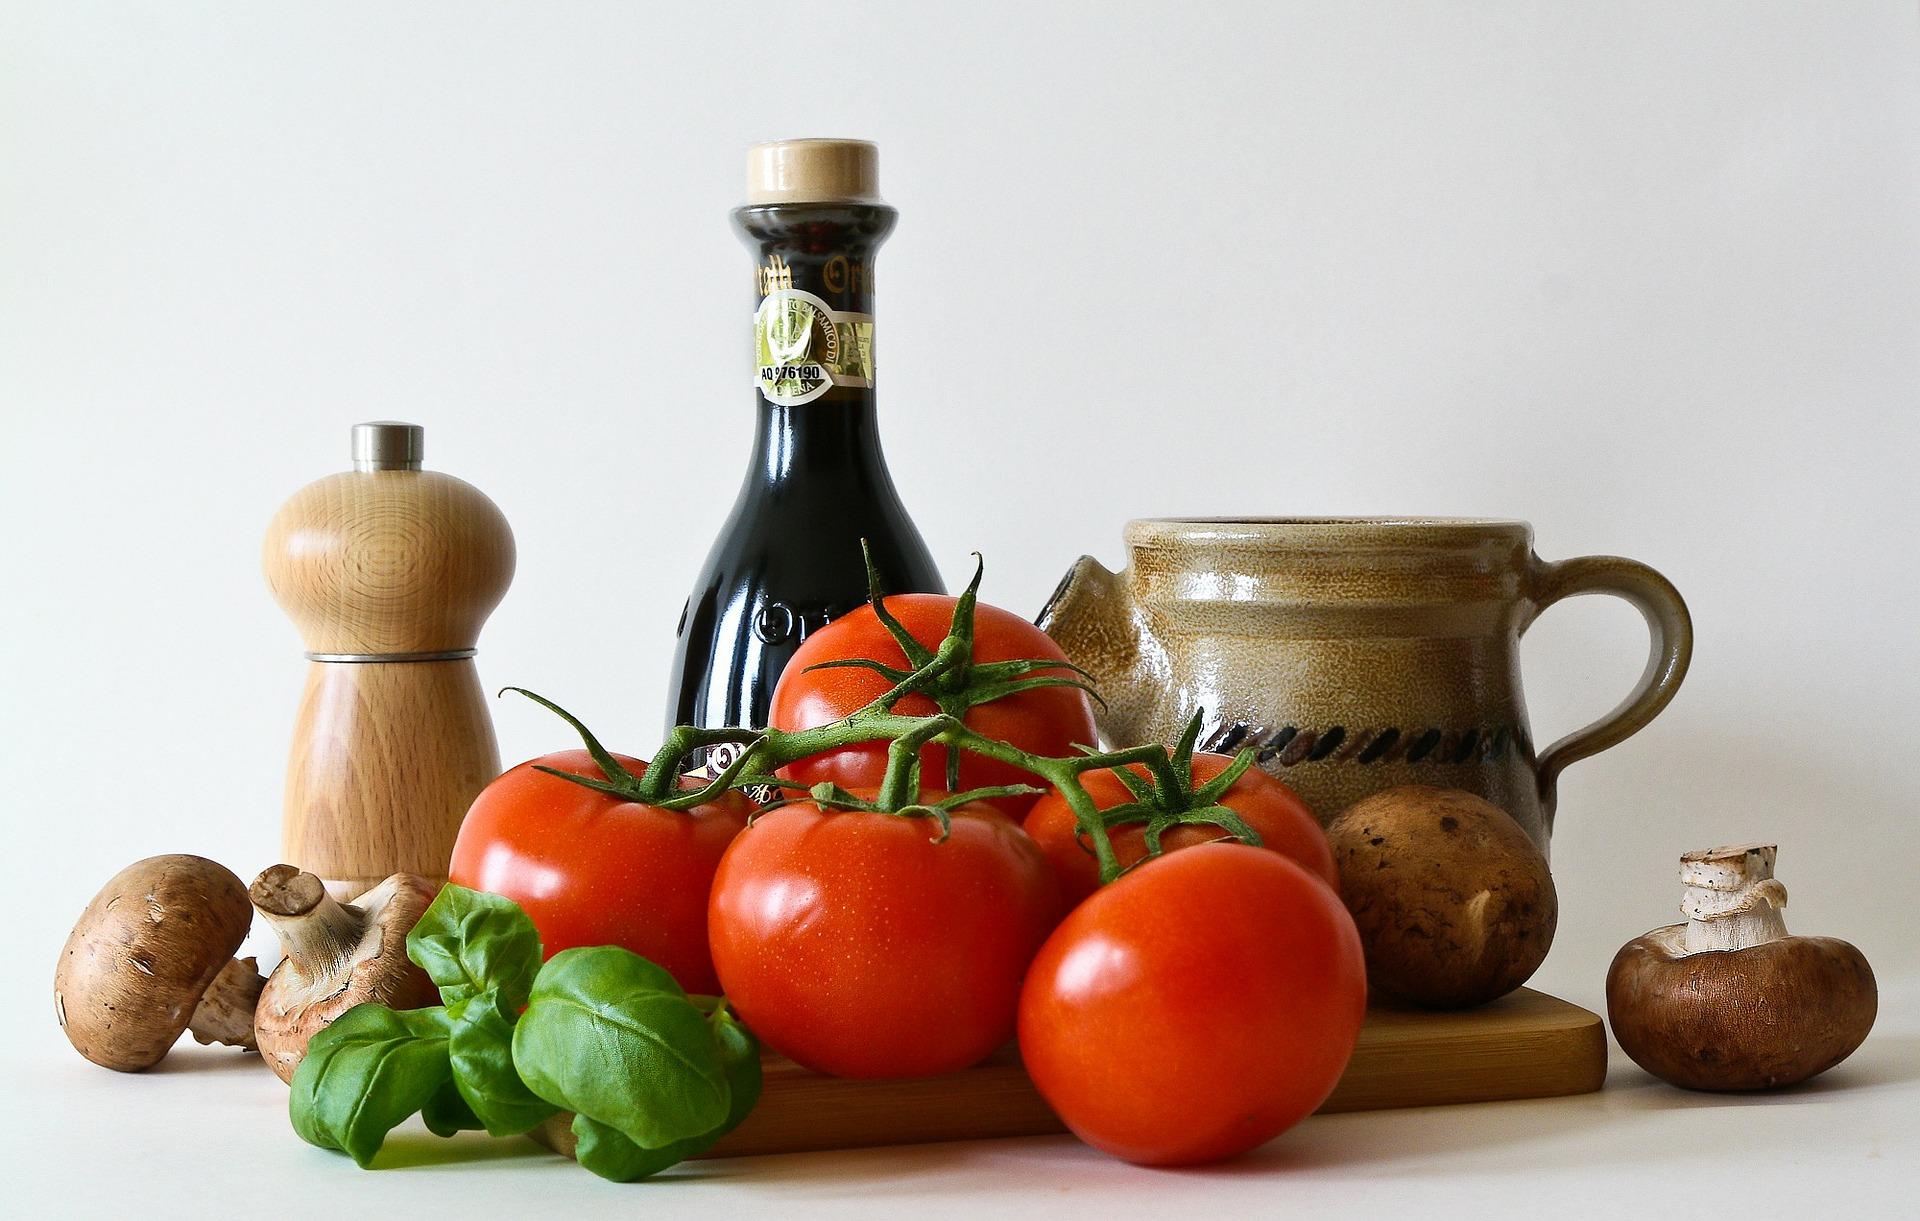 【募集!プロフェッショナル料理講師認定講座1期生】ビジネスで活躍できる料理講師を1から育てます!